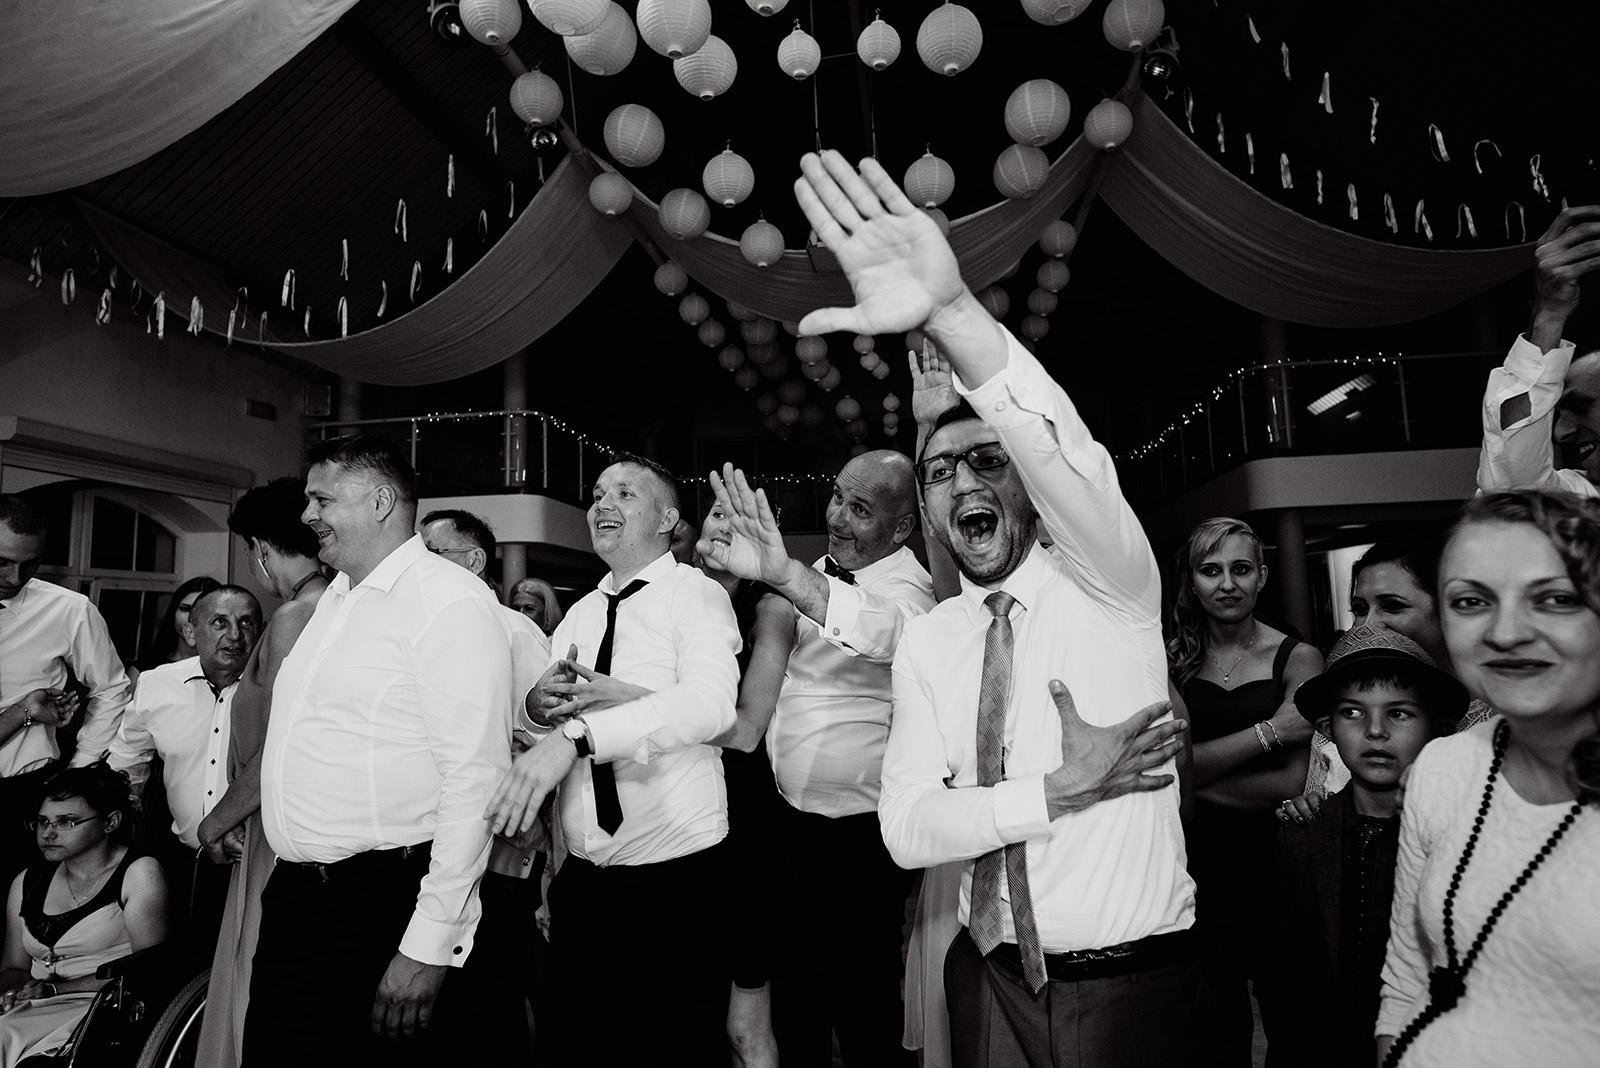 naturalny fotoreportaz slubny - wesele w krzyzowej - pokaz barmanski